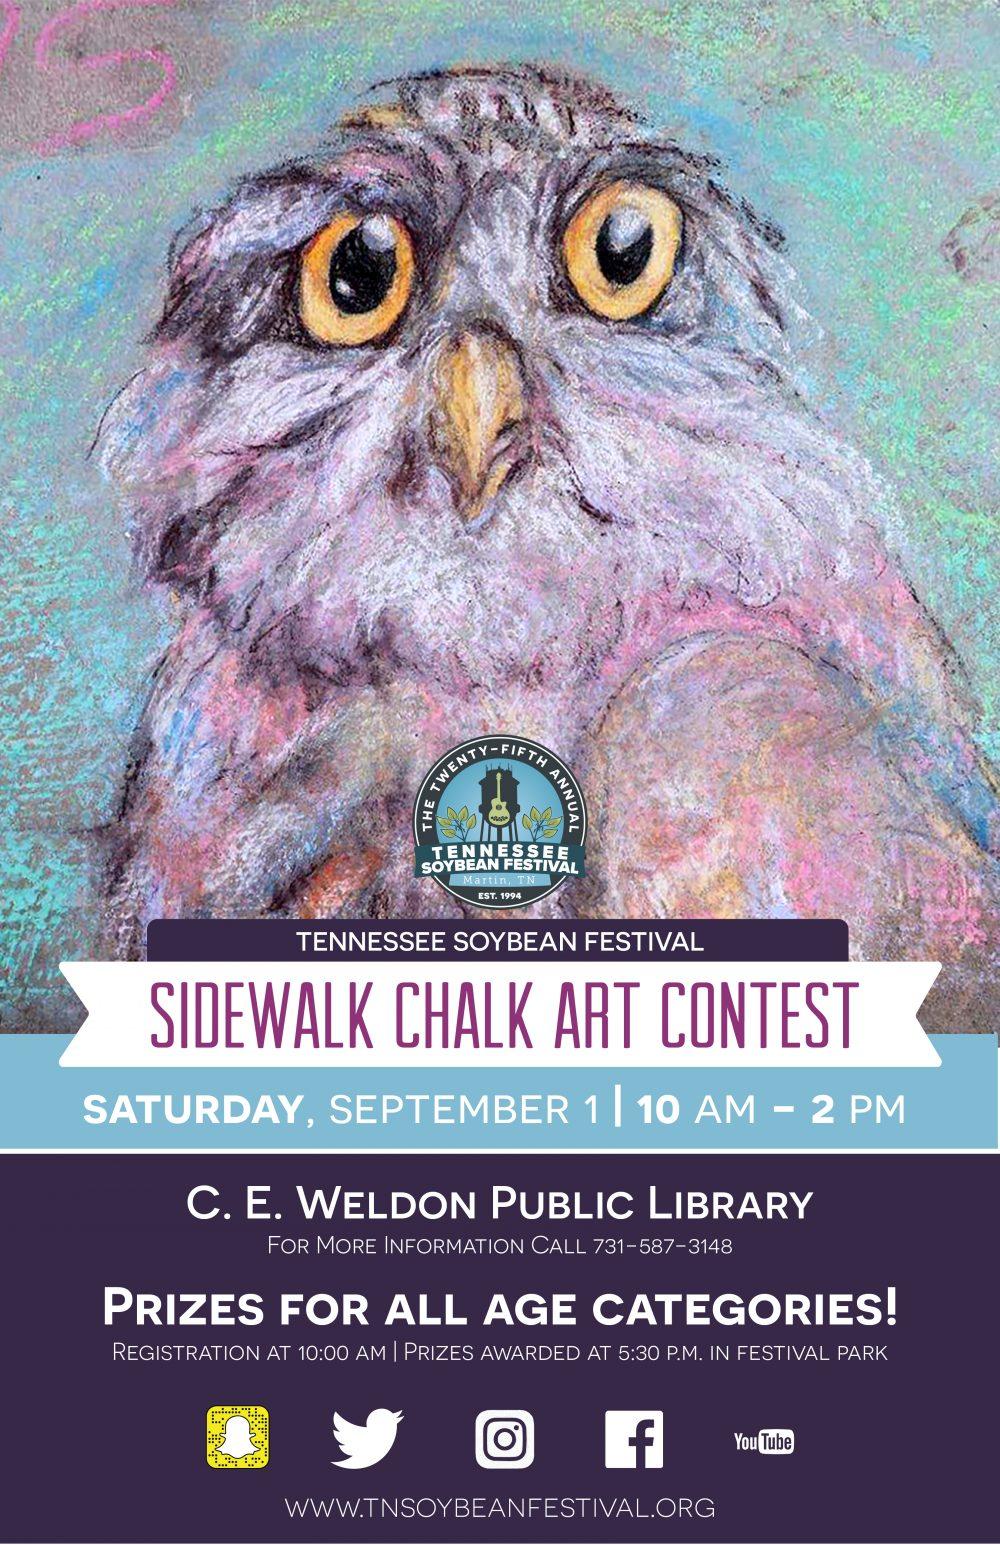 SidewalkChalk-01-e1530580744497.jpg